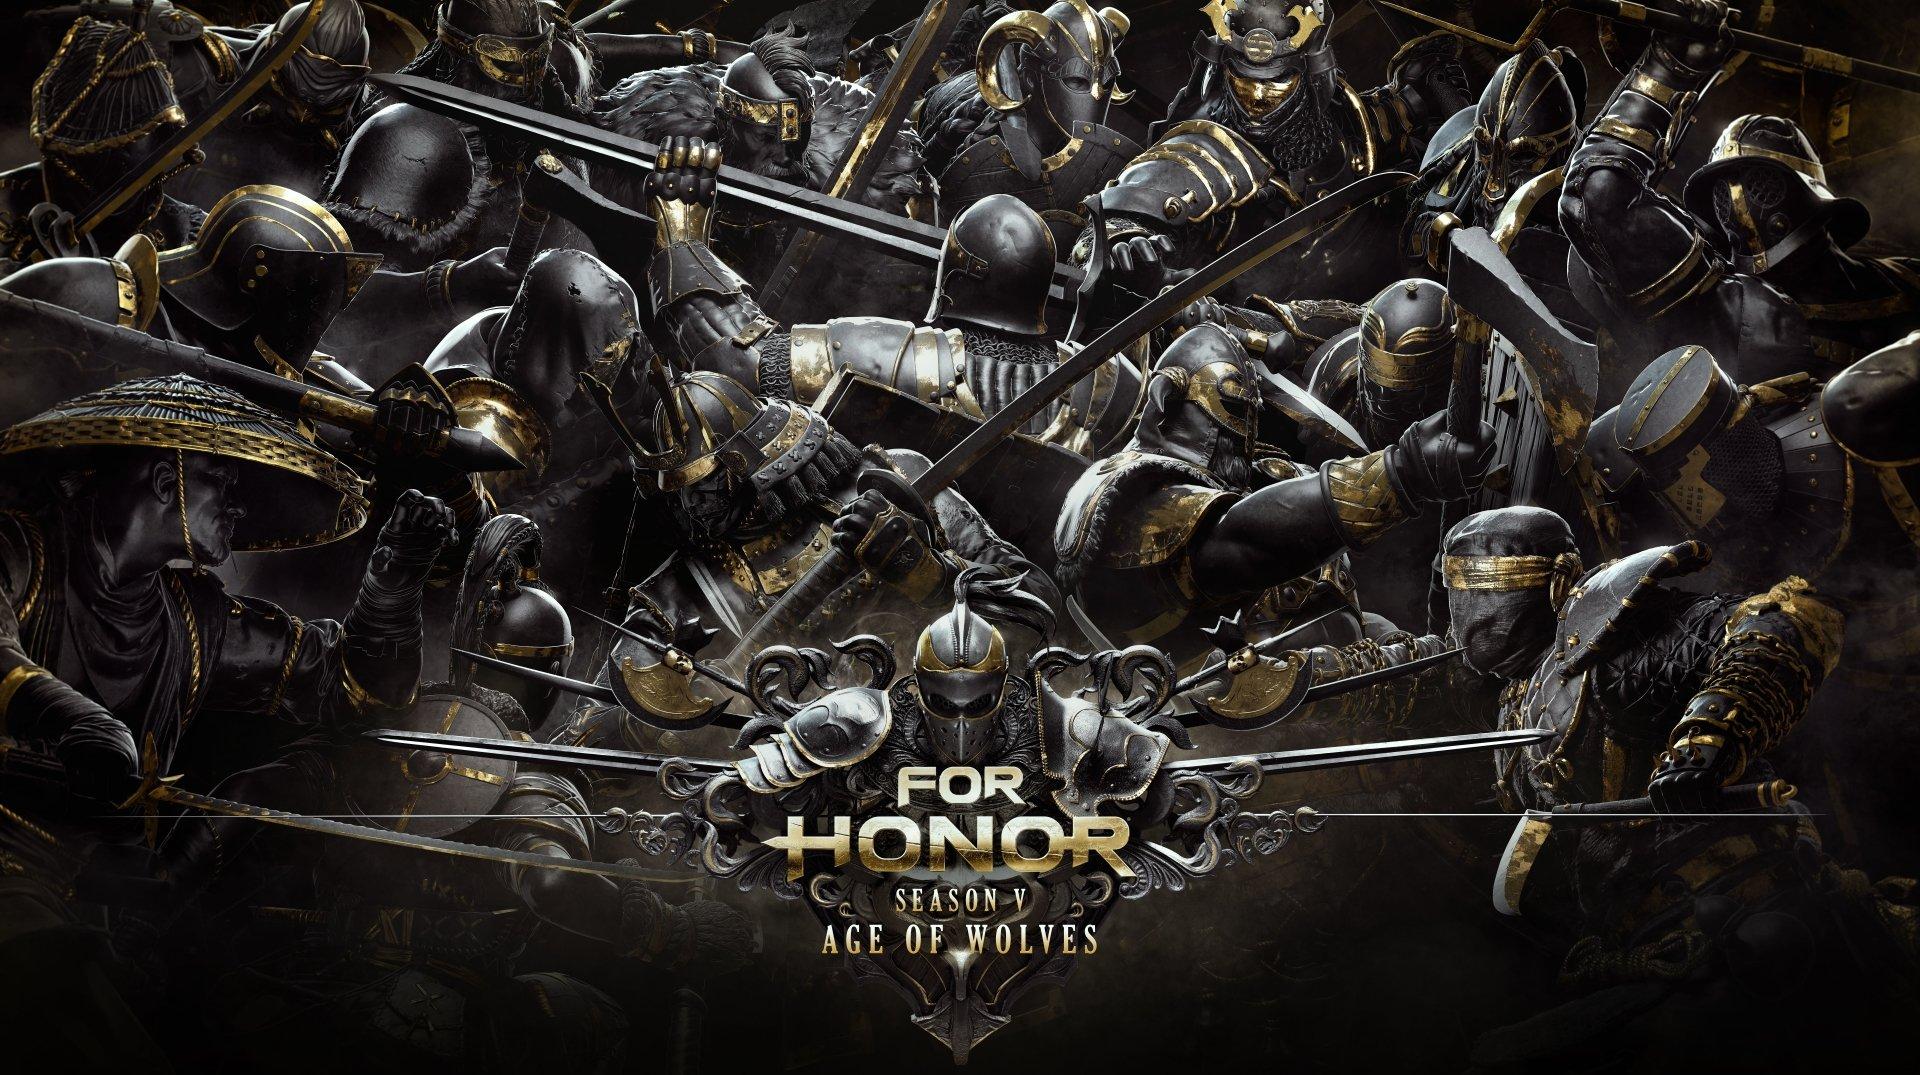 电子游戏 - 荣誉战魂  Armor 骑士 剑 壁纸